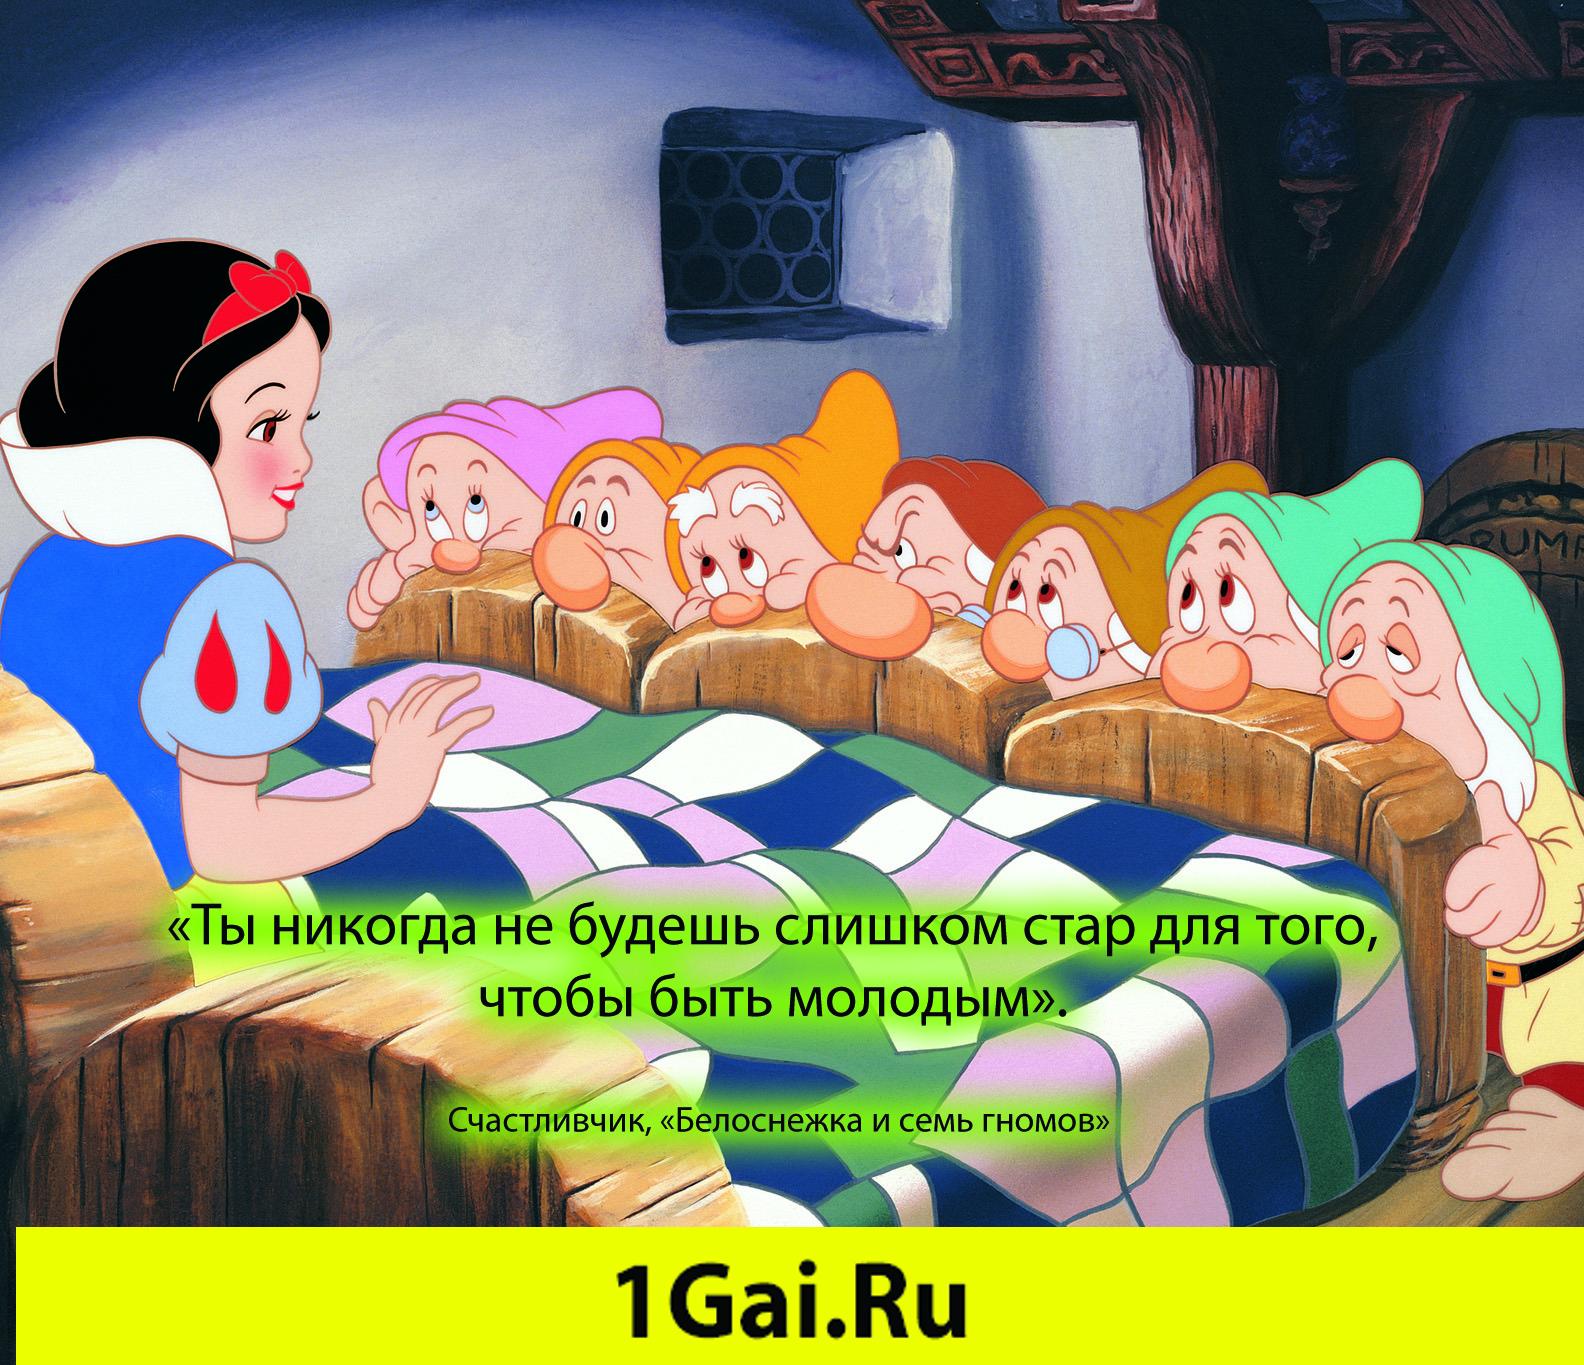 1581420008_citaty-iz-multfilma-belosnezhka-i-sem-gnomov.jpg